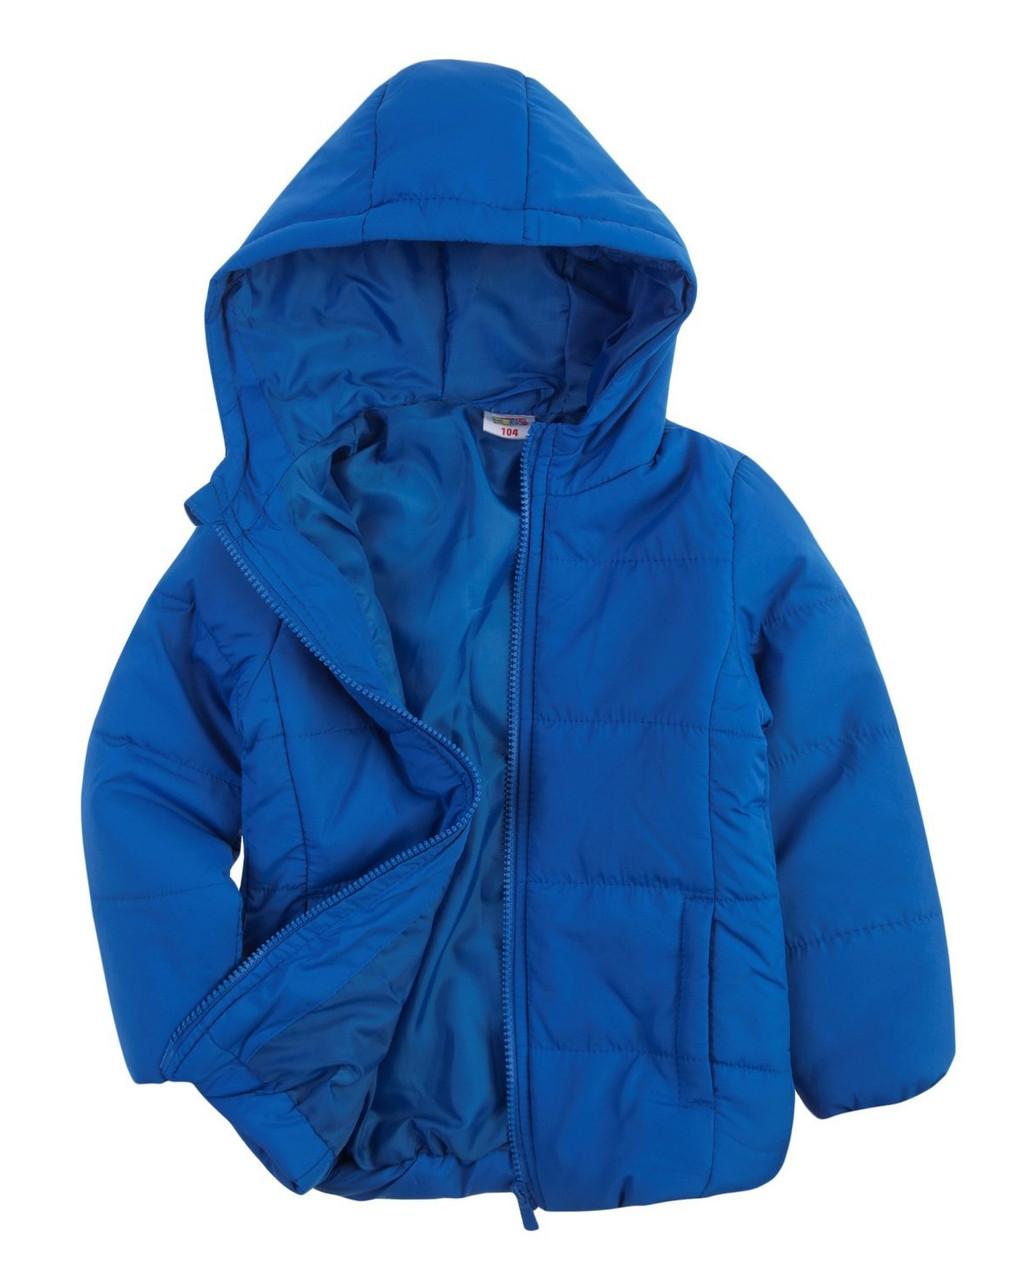 Детская синяя куртка для мальчика Польша Размер 104